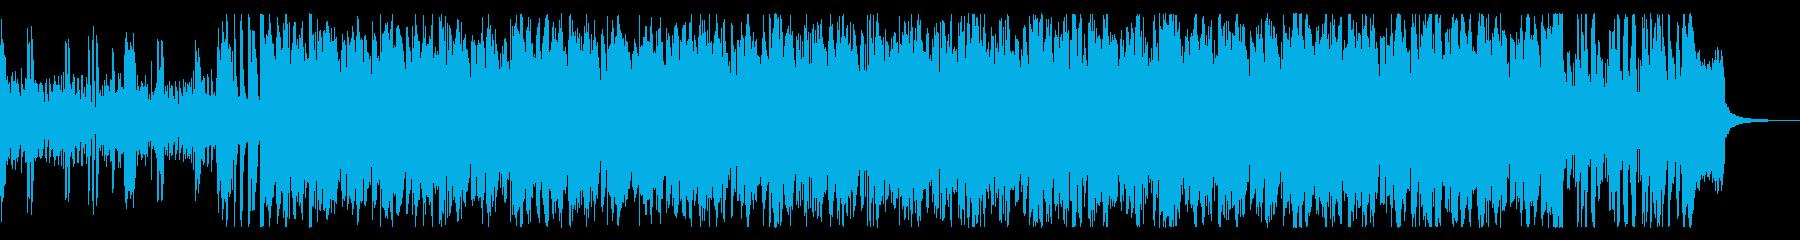 軽快で爽やかなサンバ風ミュージックの再生済みの波形